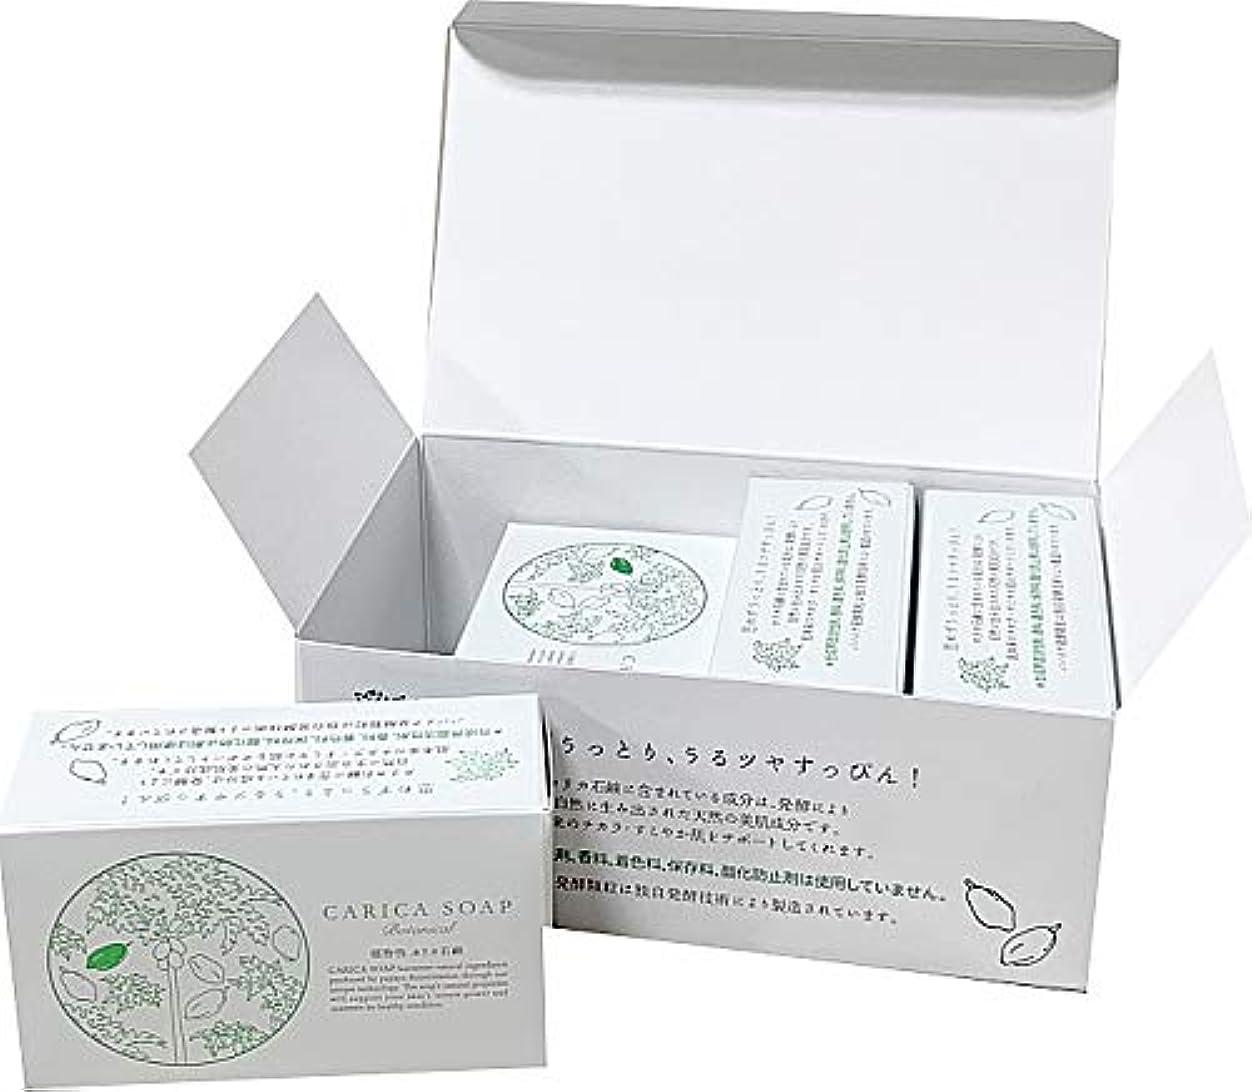 乳白アイドル植物性カリカ石鹸100g お得な4個セット(箱入)